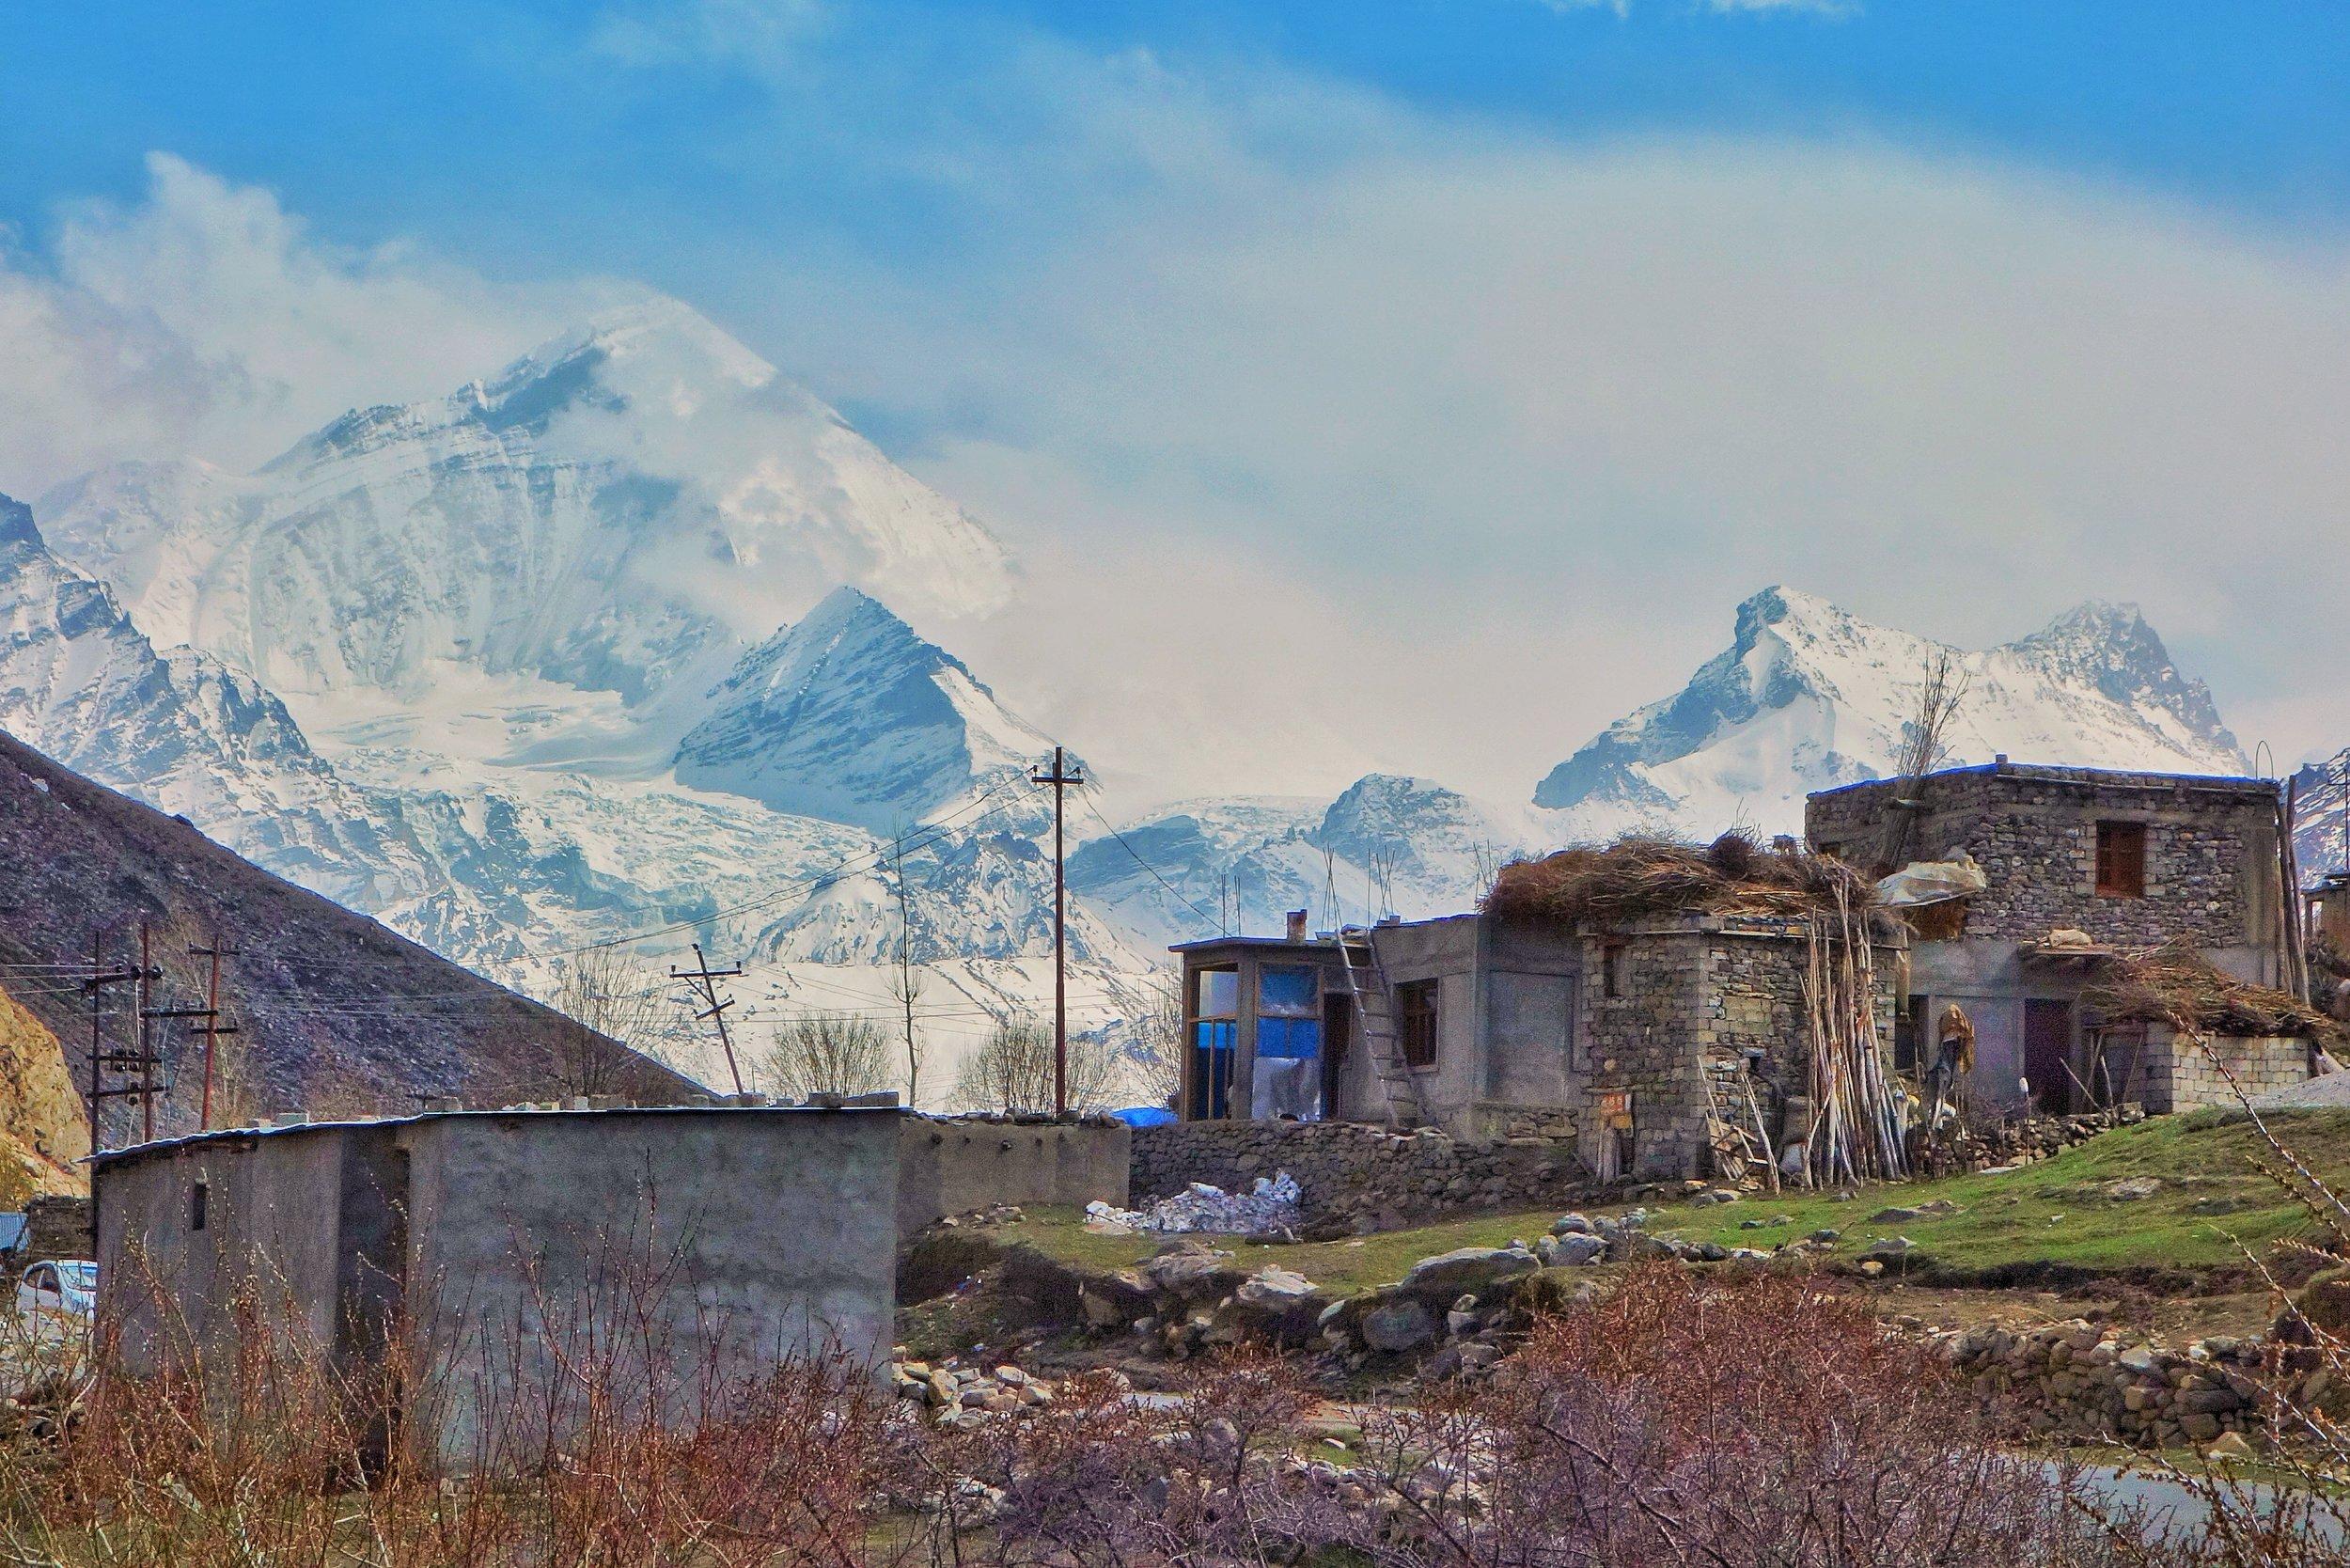 nun-kun-suru-ladakh-kargil-1